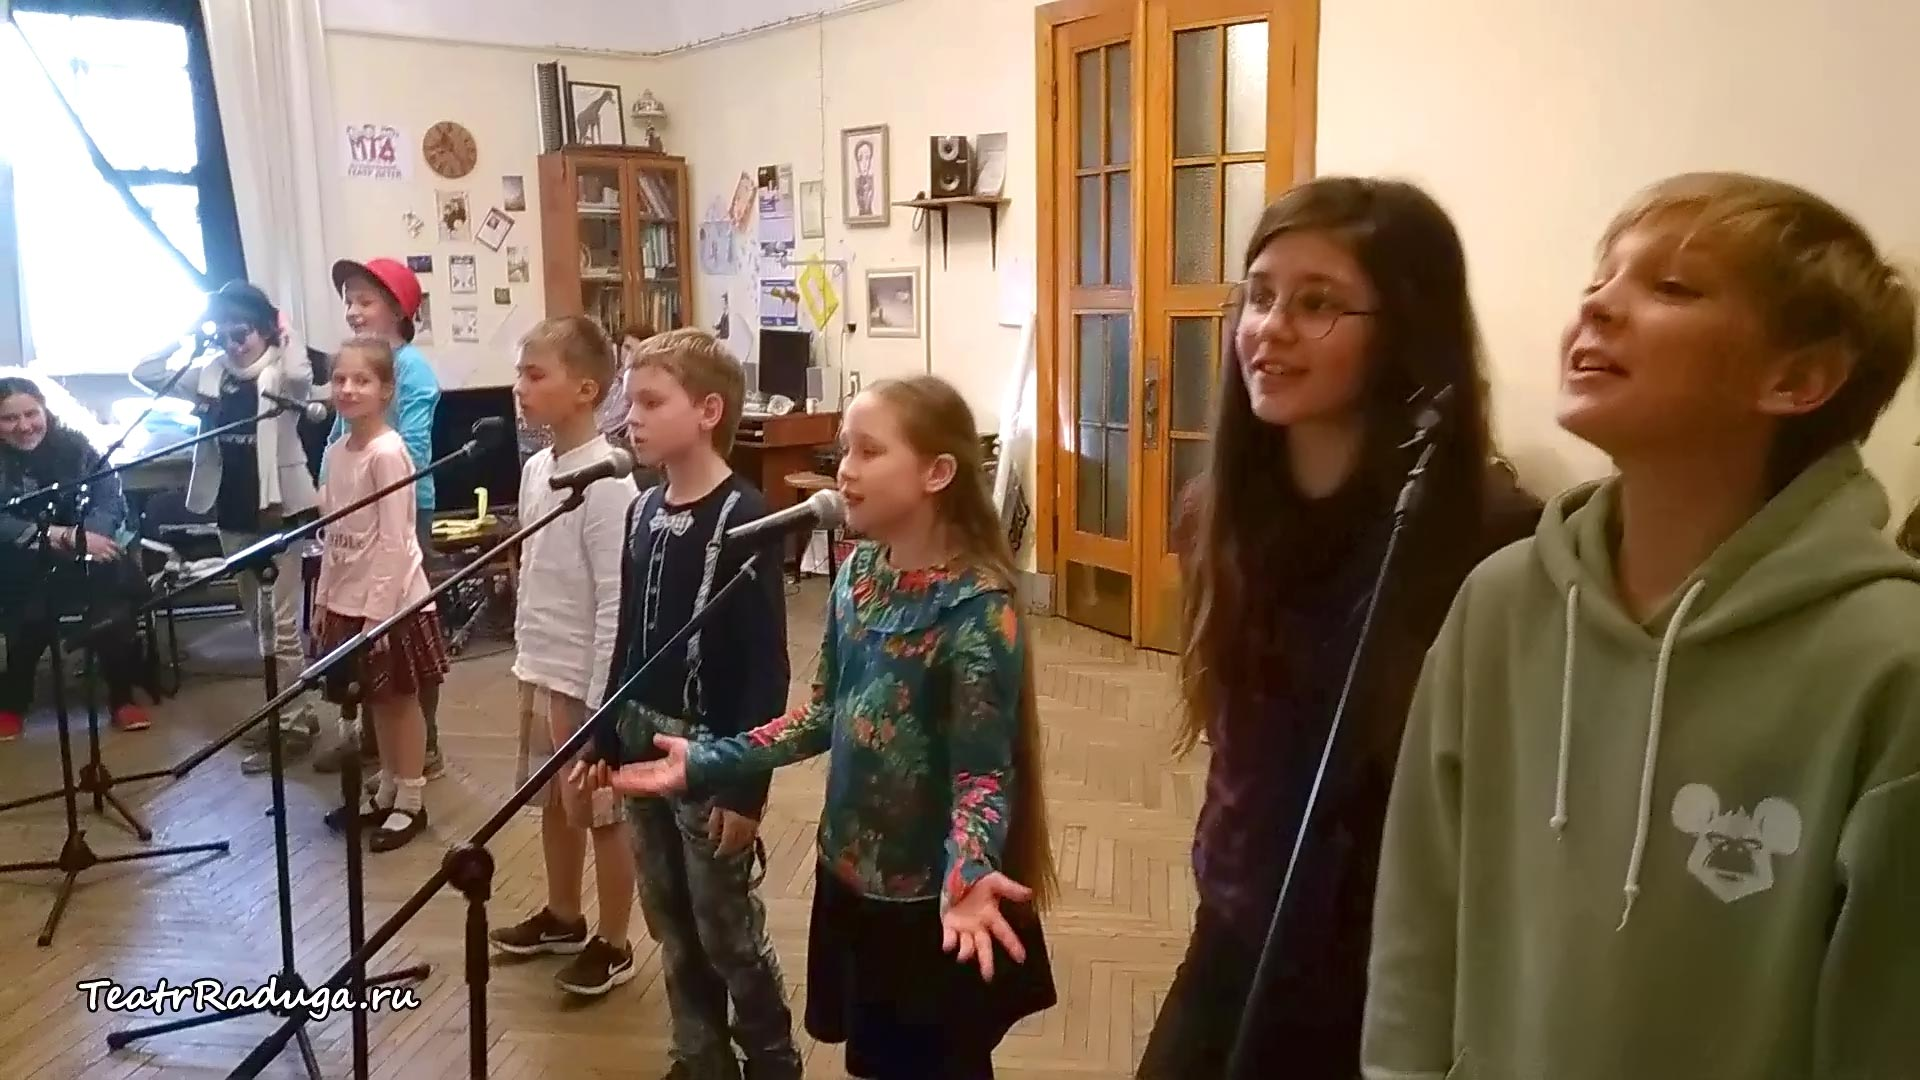 Подготовка к концерту «Петербург Андрея Петрова» идёт полным ходом!